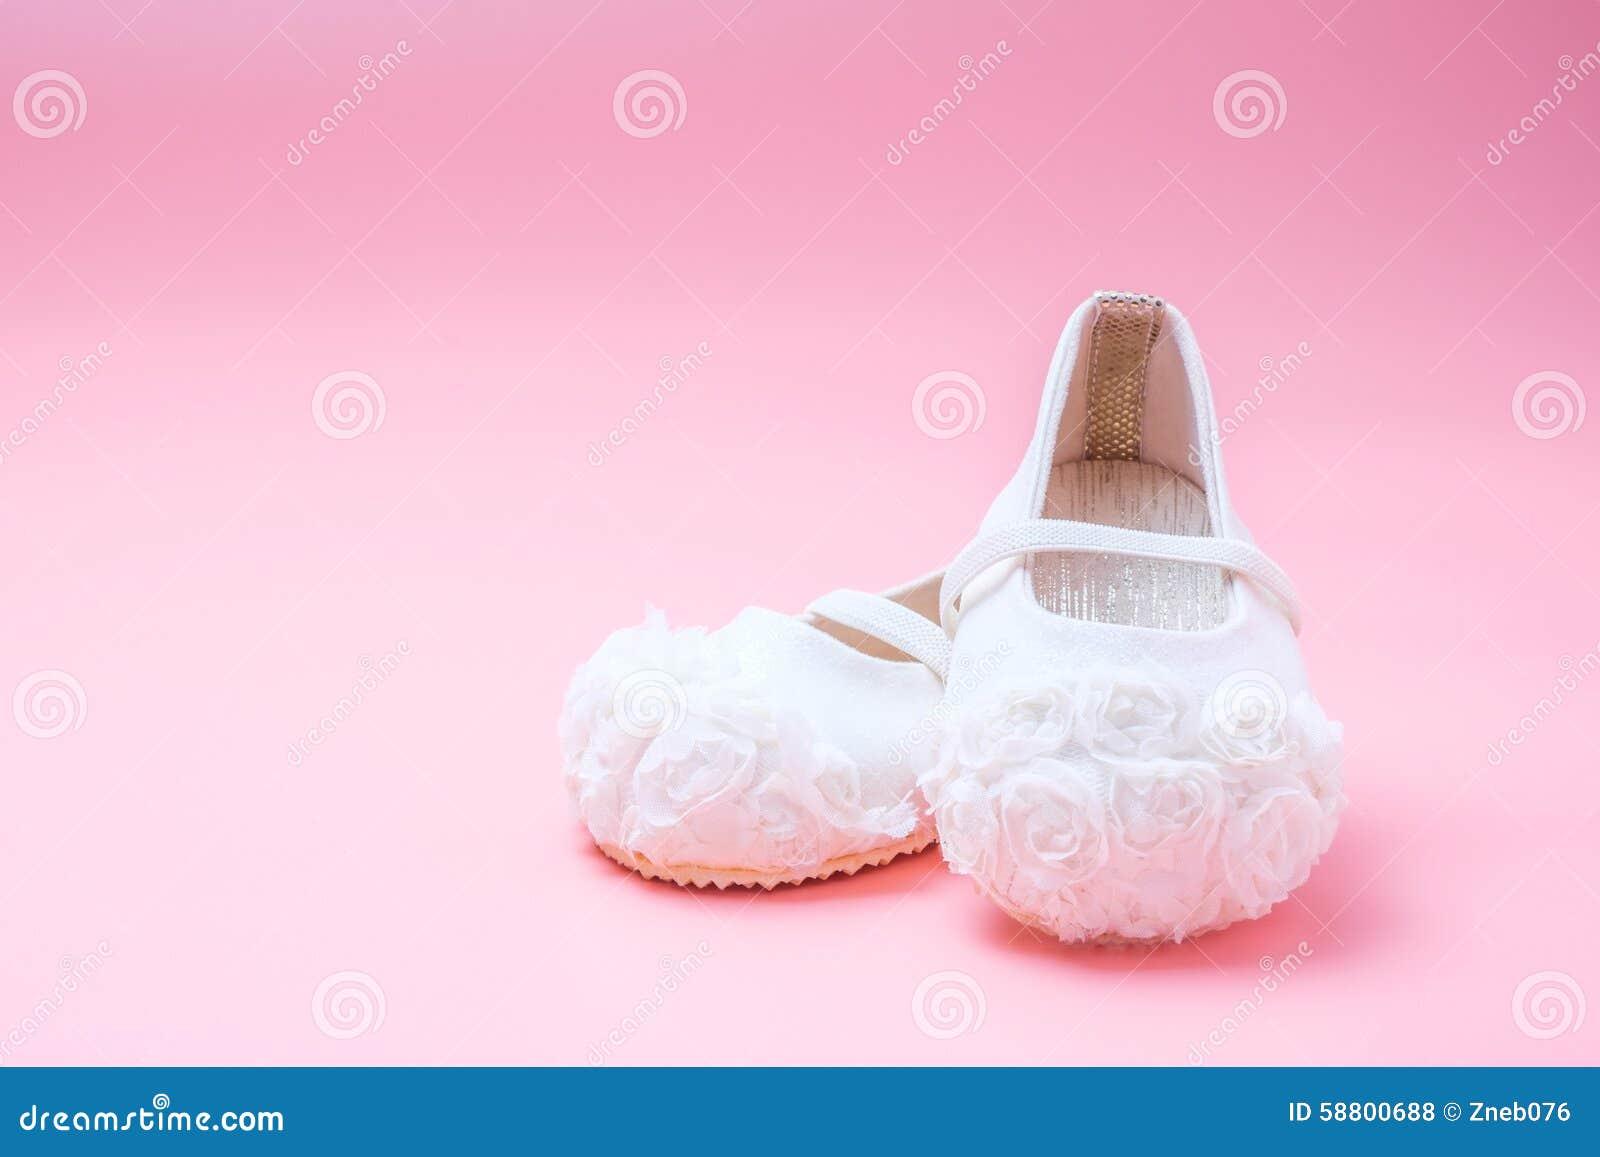 Zapatos De Bebé Lindos Para Los Niños En Fondo Rosado